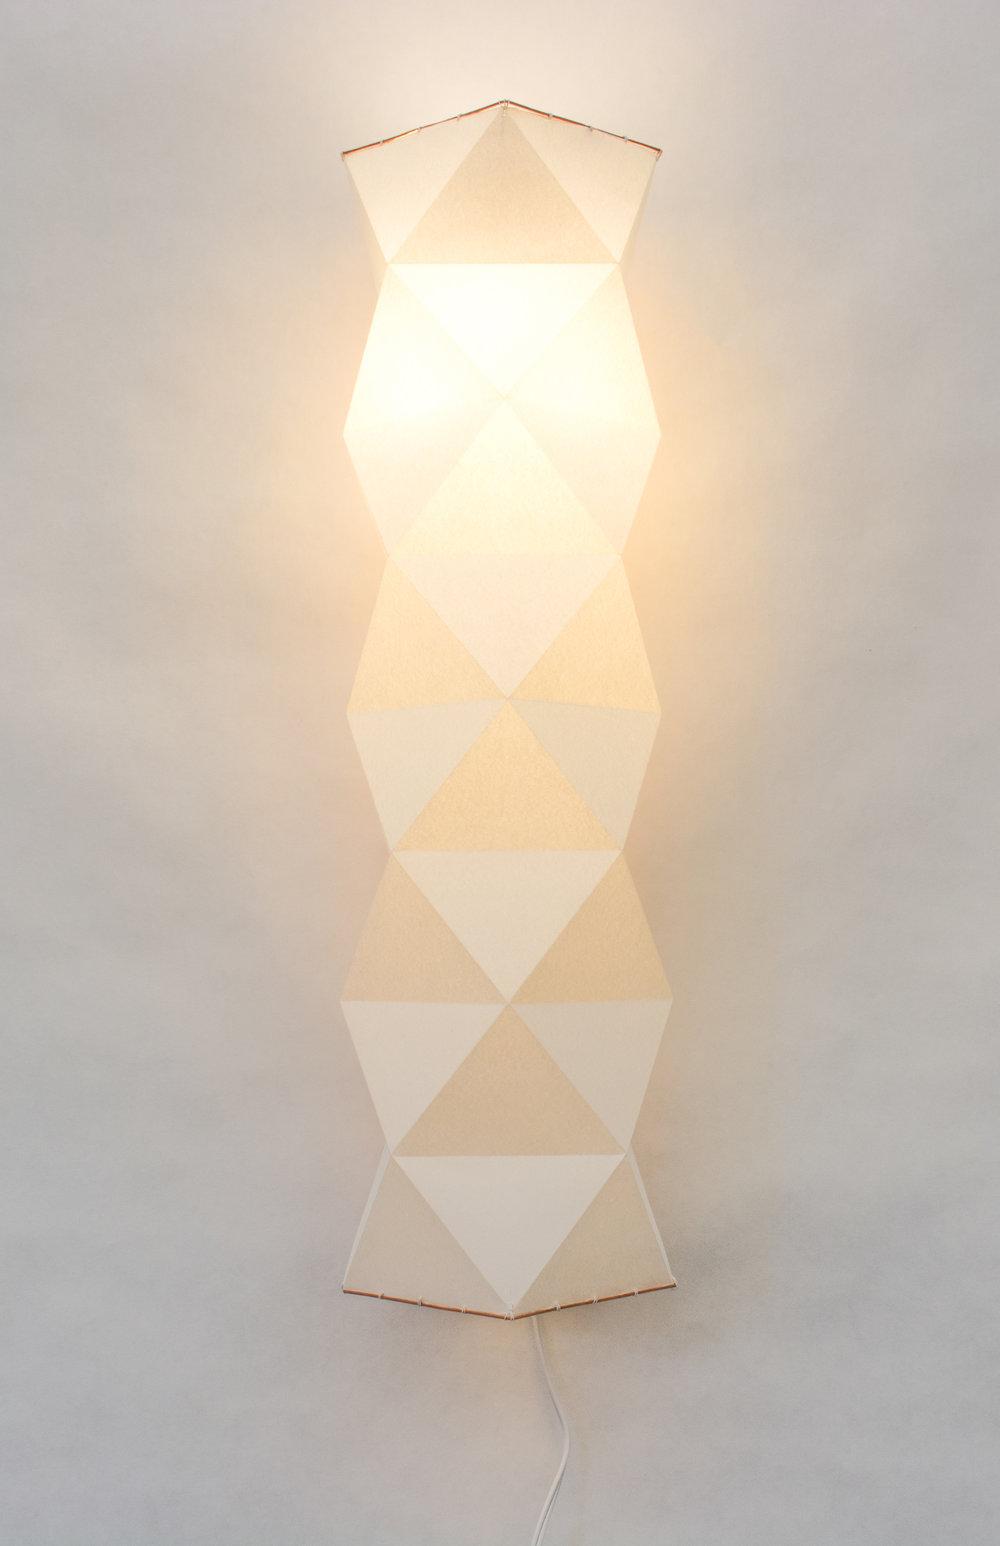 MODULAR LIGHT